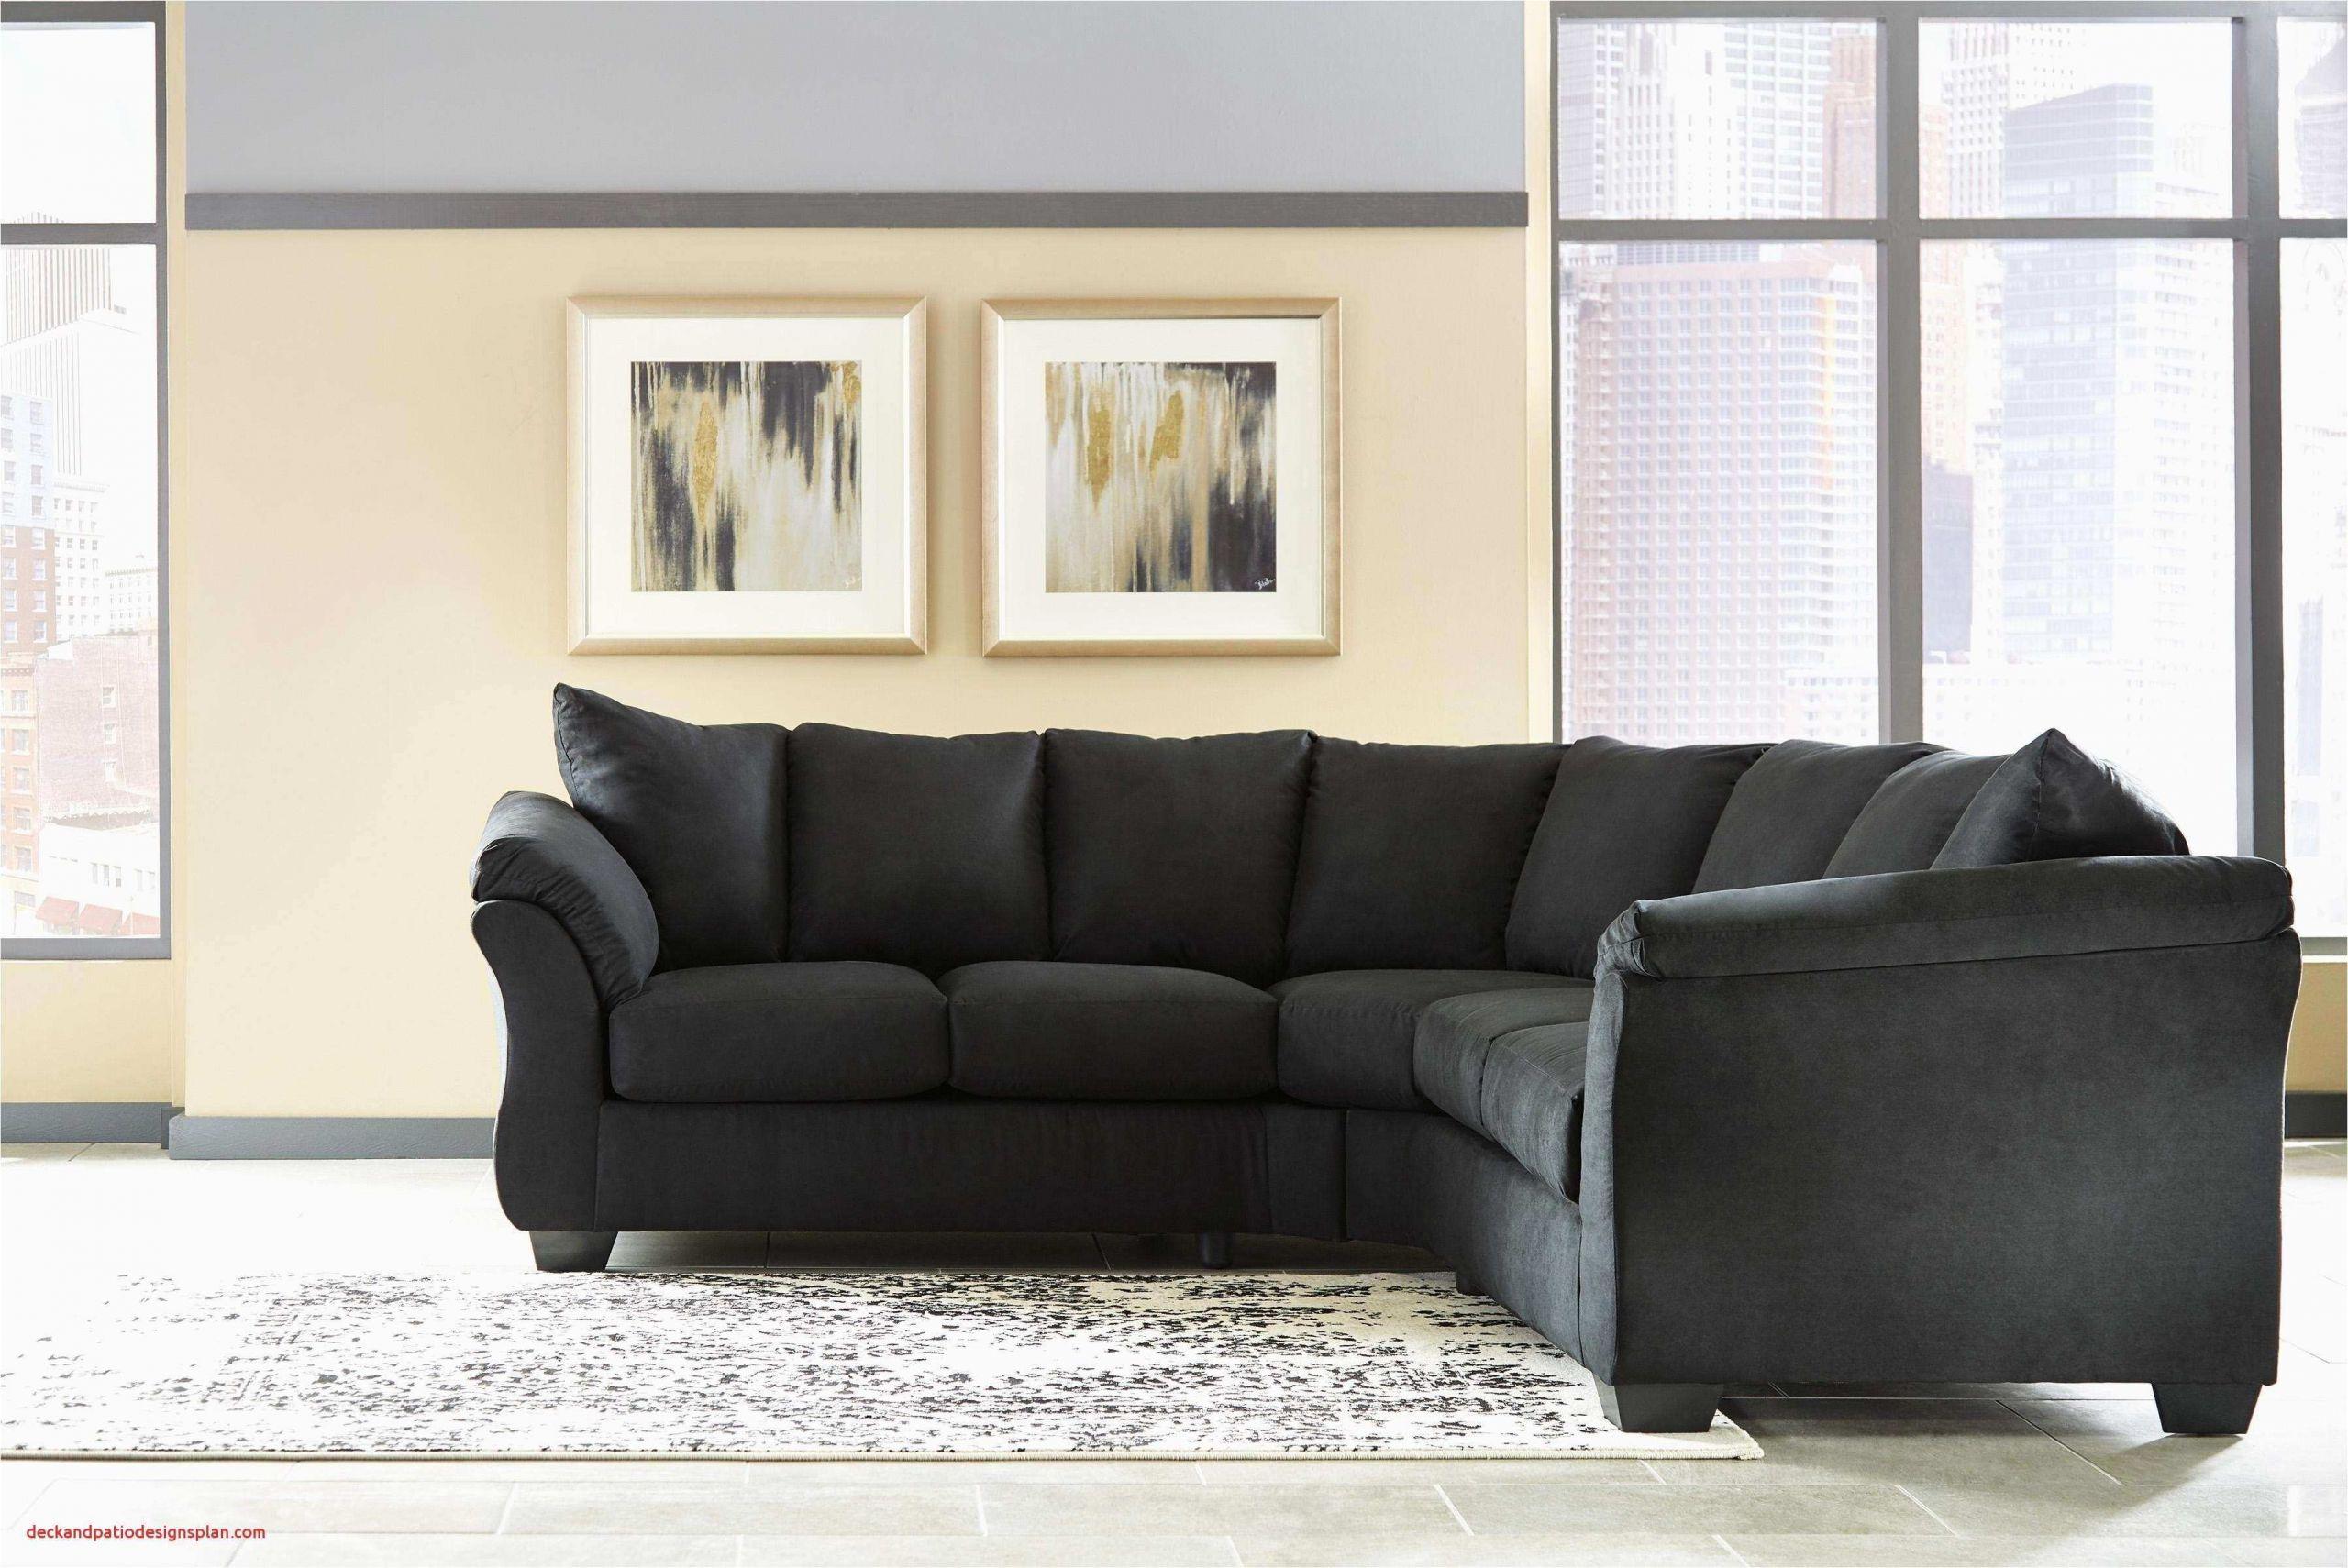 45 frisch gunstige deko grafik von gunstig deko kaufen meinung 283d konzept von deko gunstig kaufen of deko gunstig kaufen